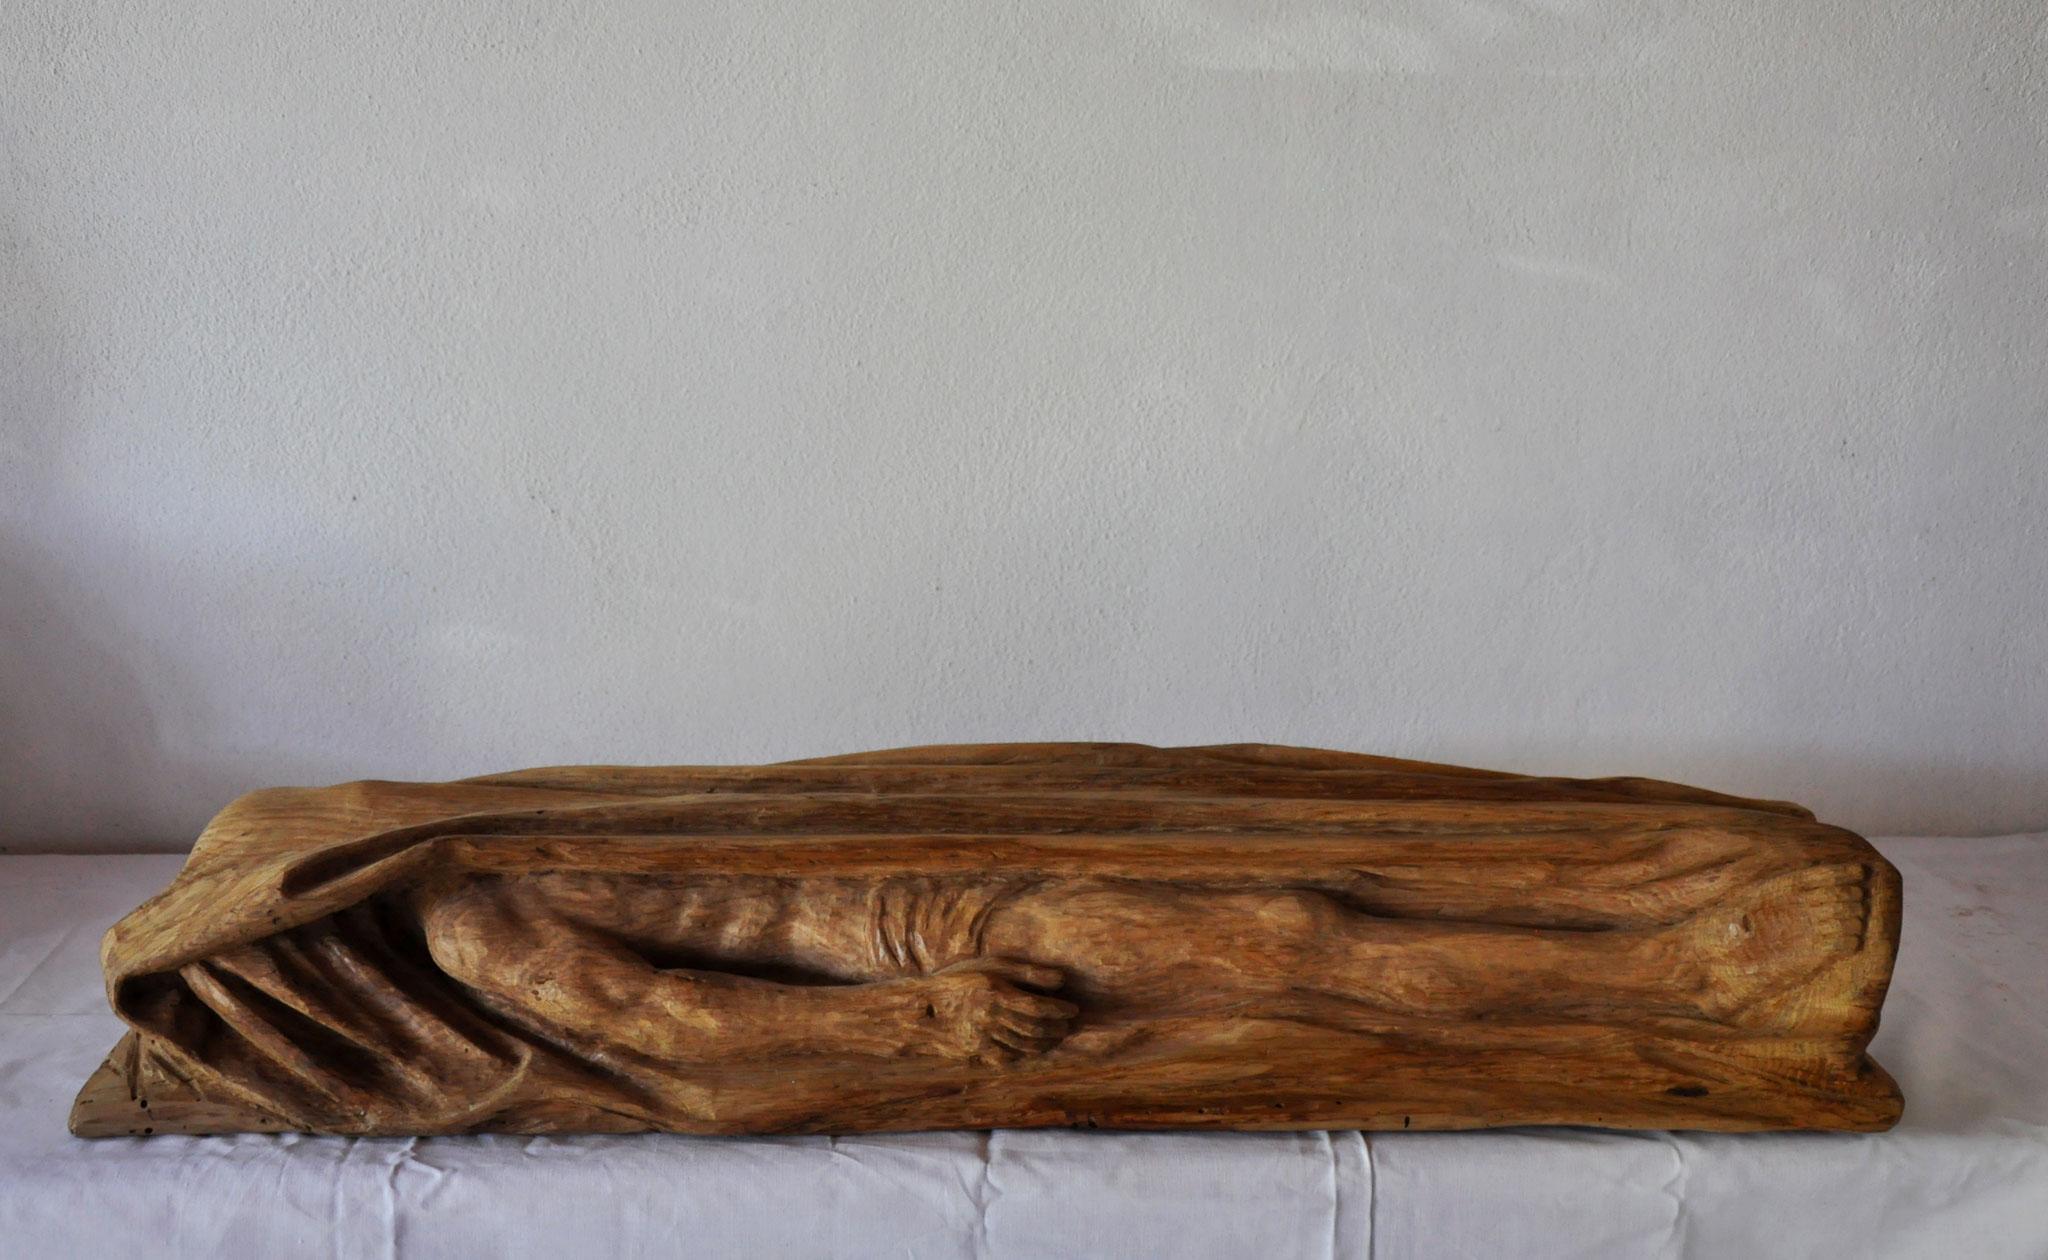 ERWARTUNG DER AUFERWECKUNG  (Eiche  16 x 93 x 22 cm)